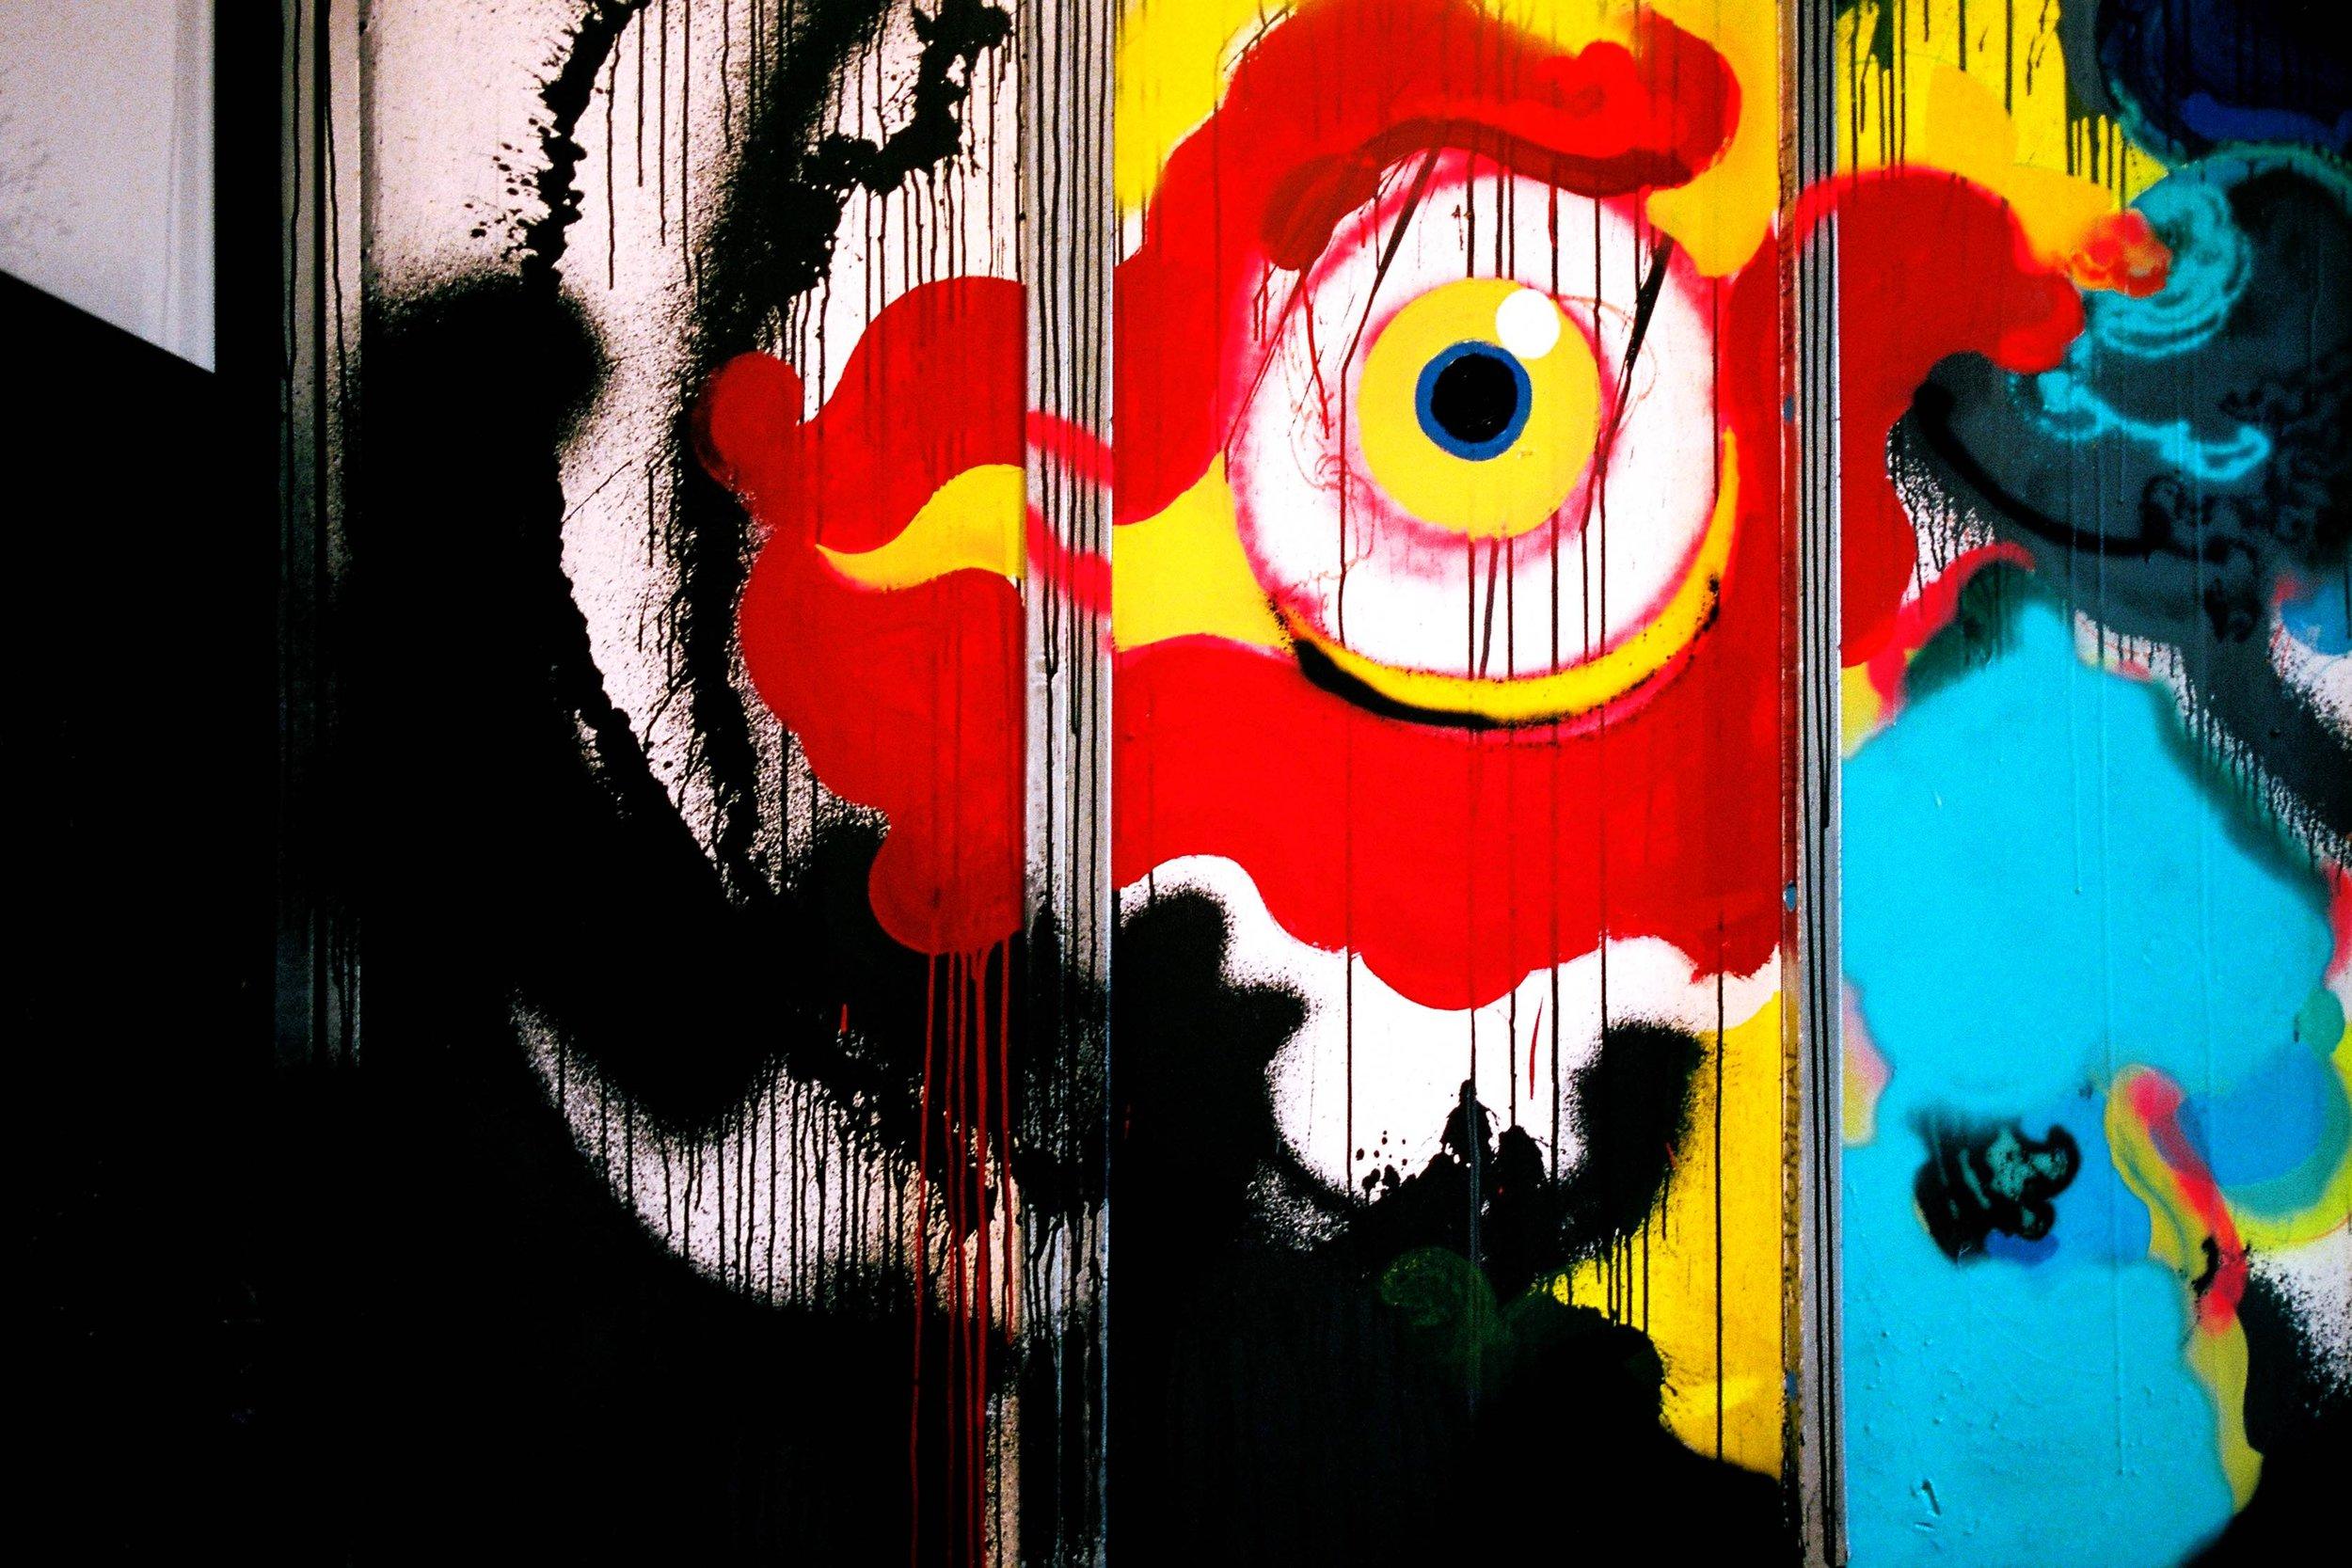 Fabrice Yencko - Palais de Tokyo - Lasco Project #3